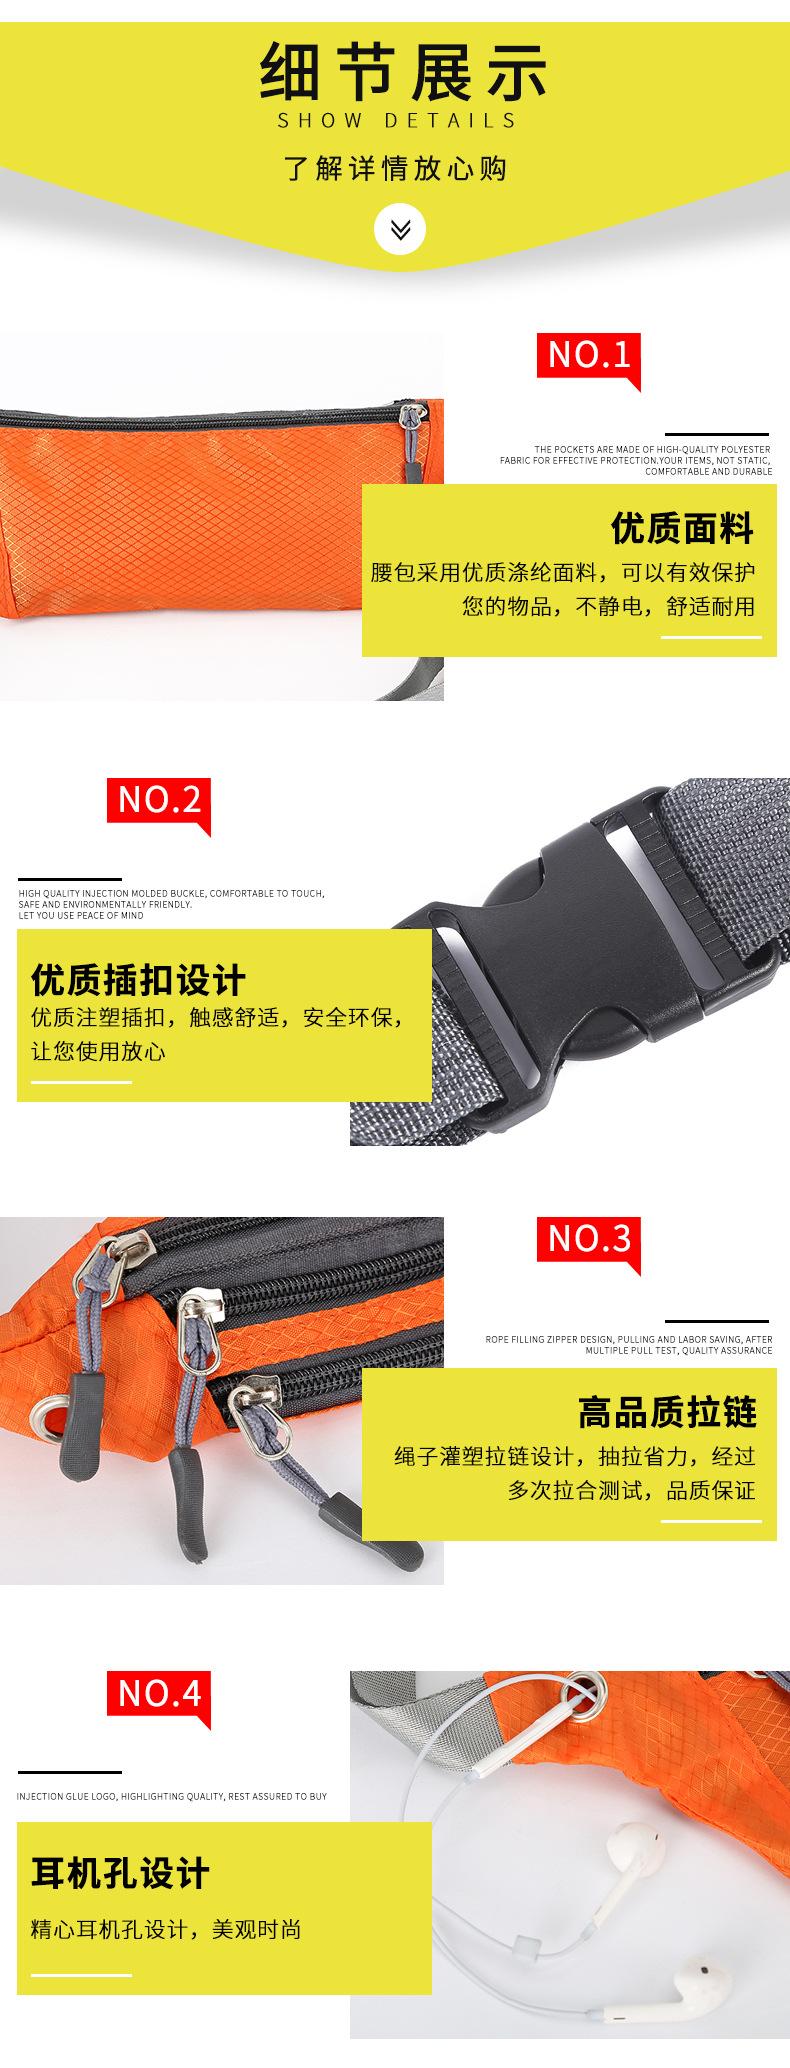 zhong_09.jpg